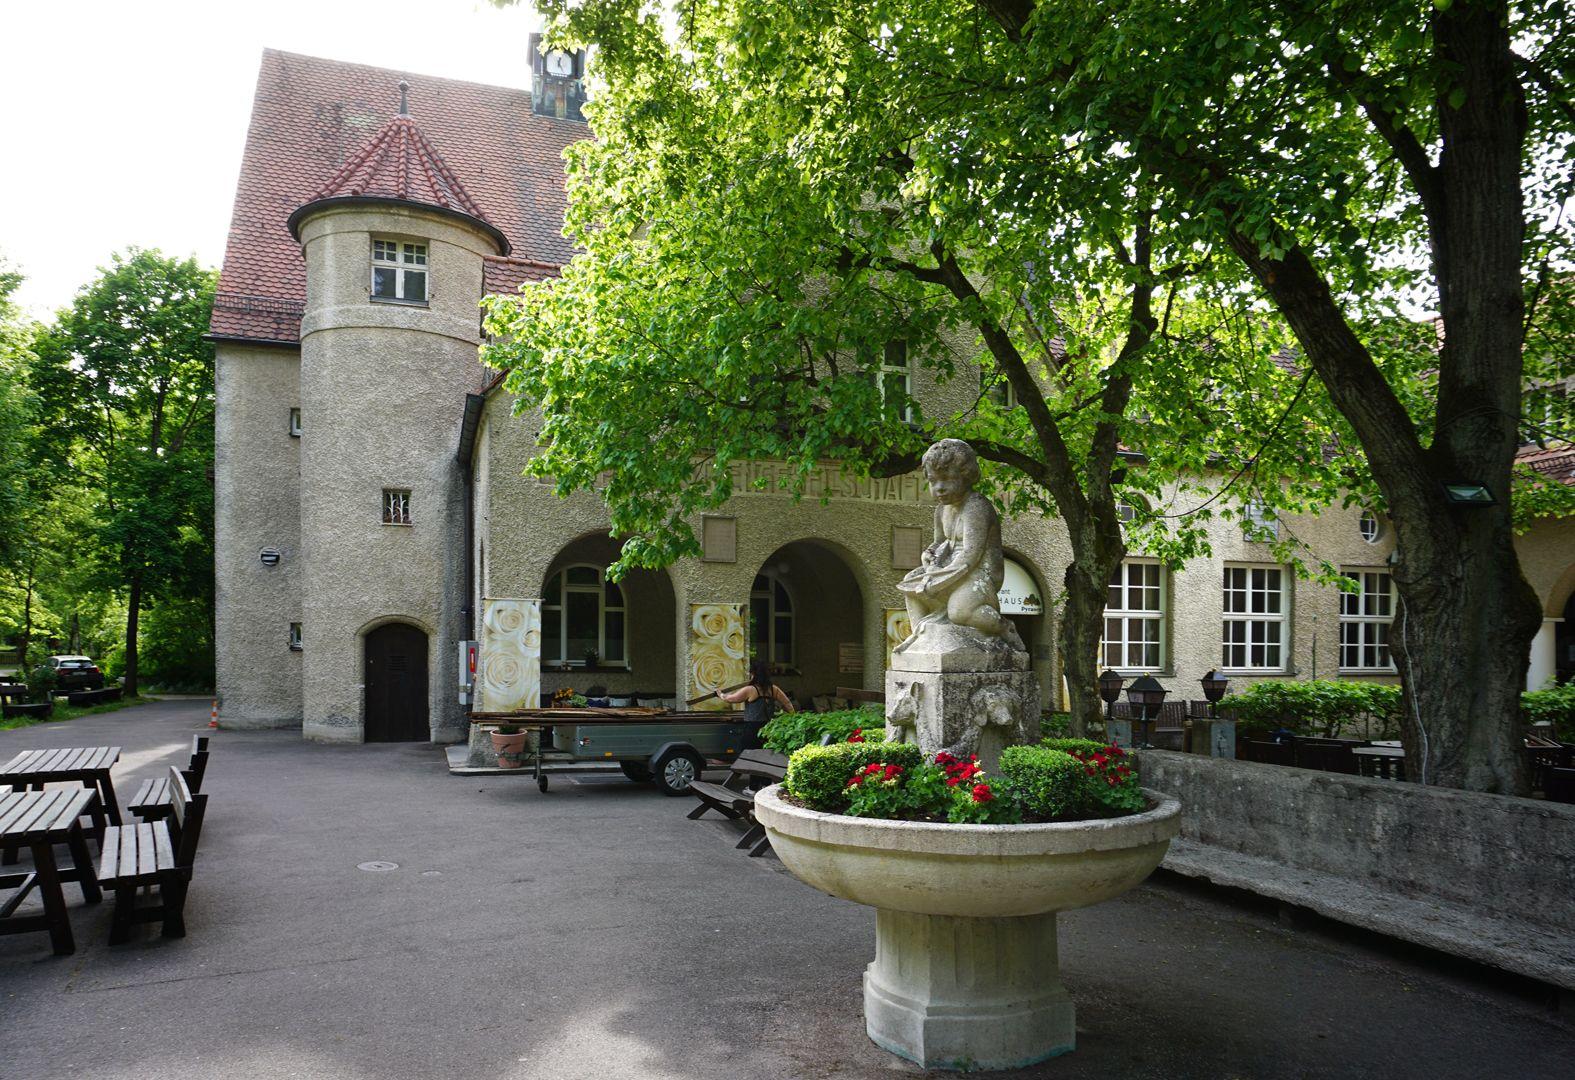 Schützenbrunnen Brunnen mit Gebäuden der Hauptschützen-Gesellschaft im Hintergund